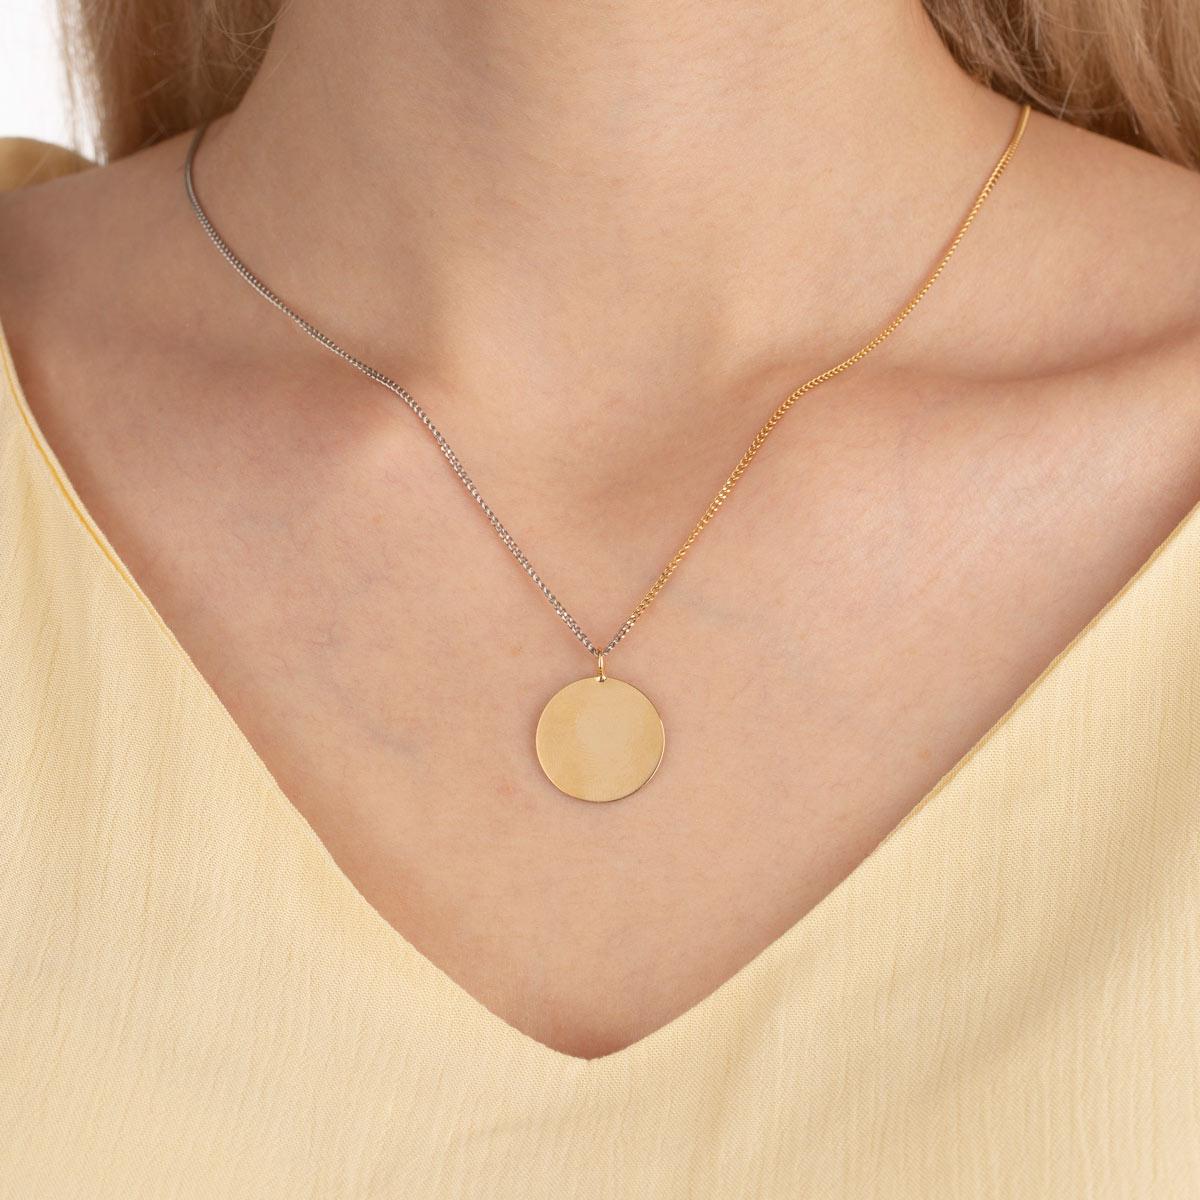 گردنبند طلا دایره حکاکی متوسط و کارتیه